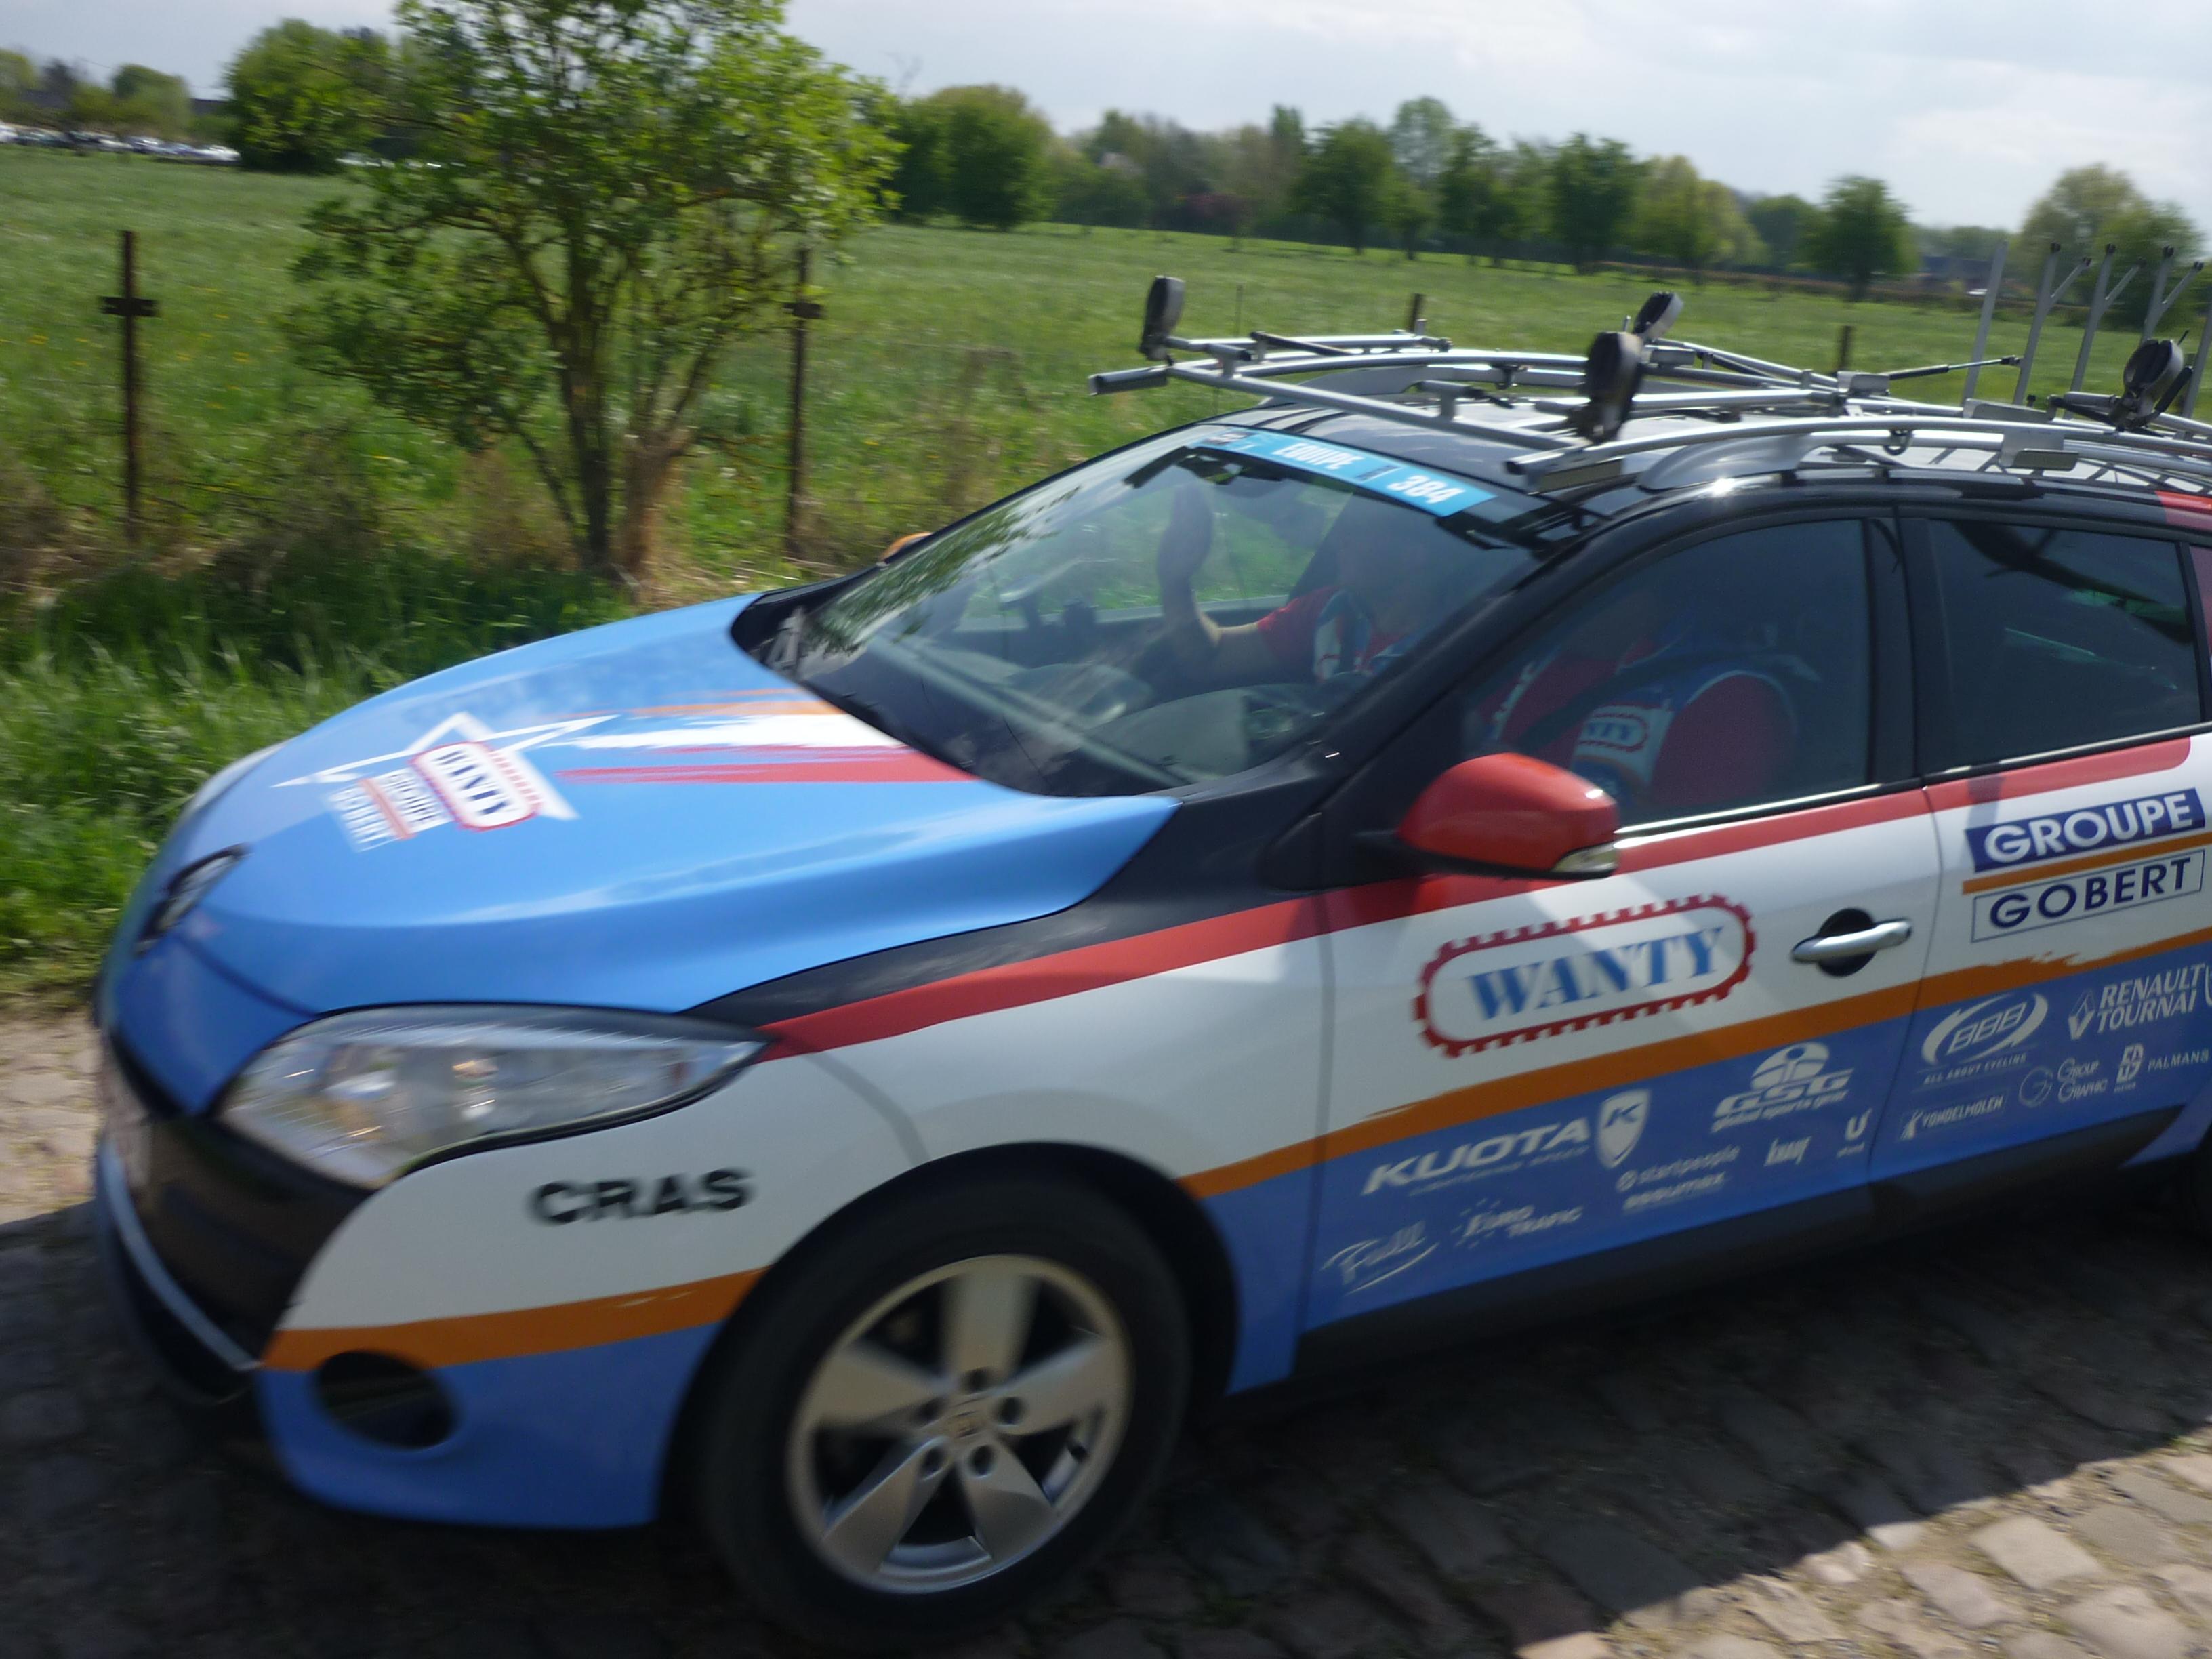 Bestand Team car Wanty-Groupe Gobert-ParisRoubaix2014.JPG - Wikipedia 2eec5a999